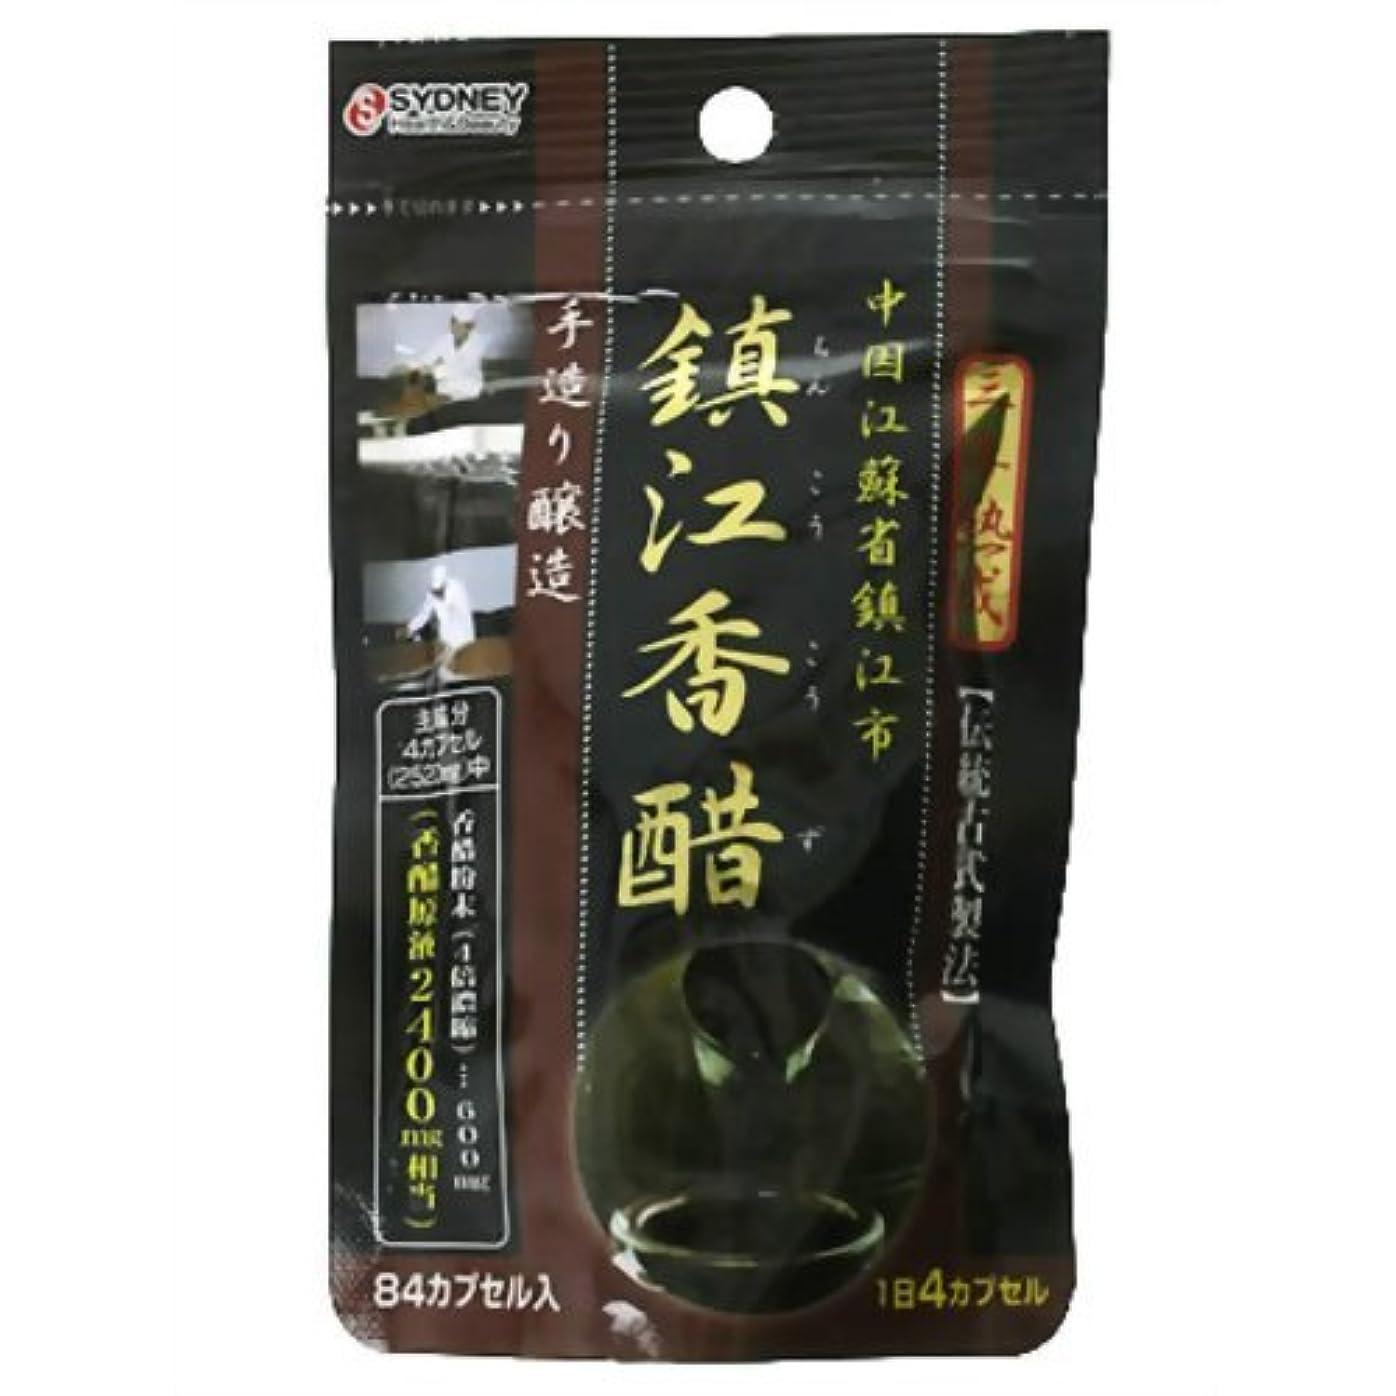 ブルーベル発生するメロディー鎮江香酢(三年熟成?伝統古式製法) 84カプセル